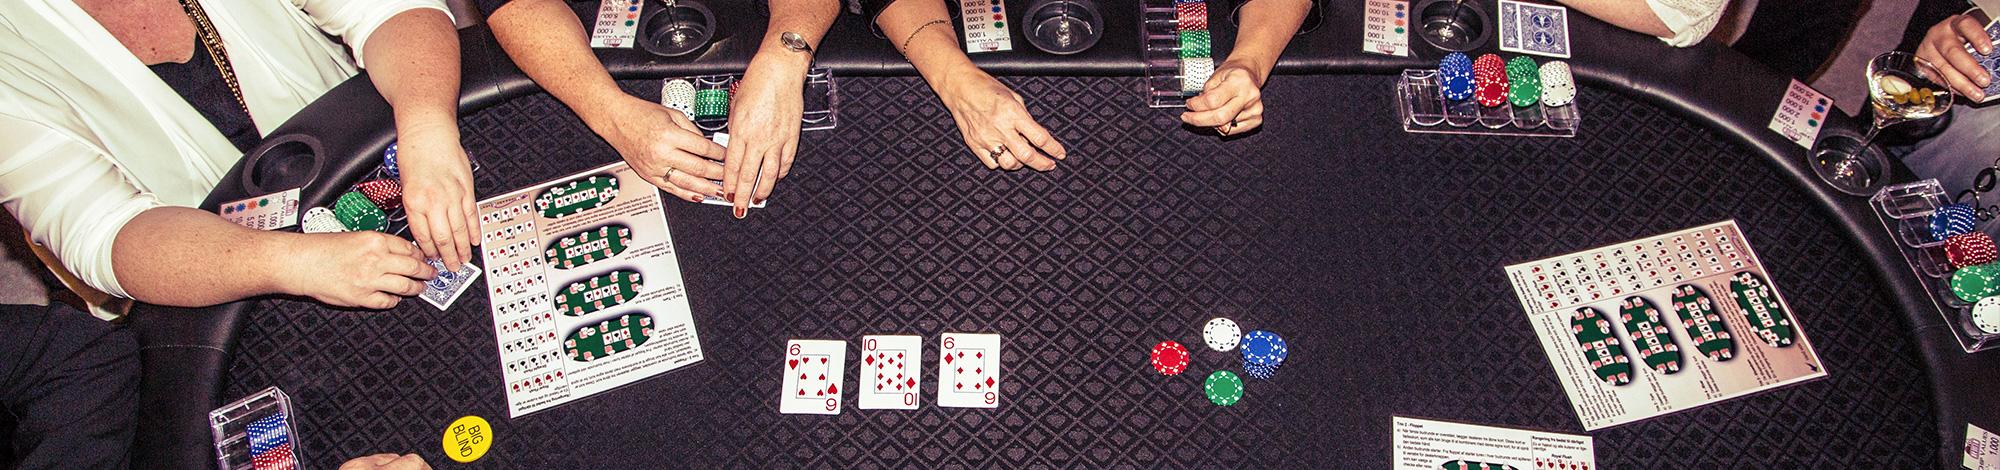 Slider-Casino2-2000x470